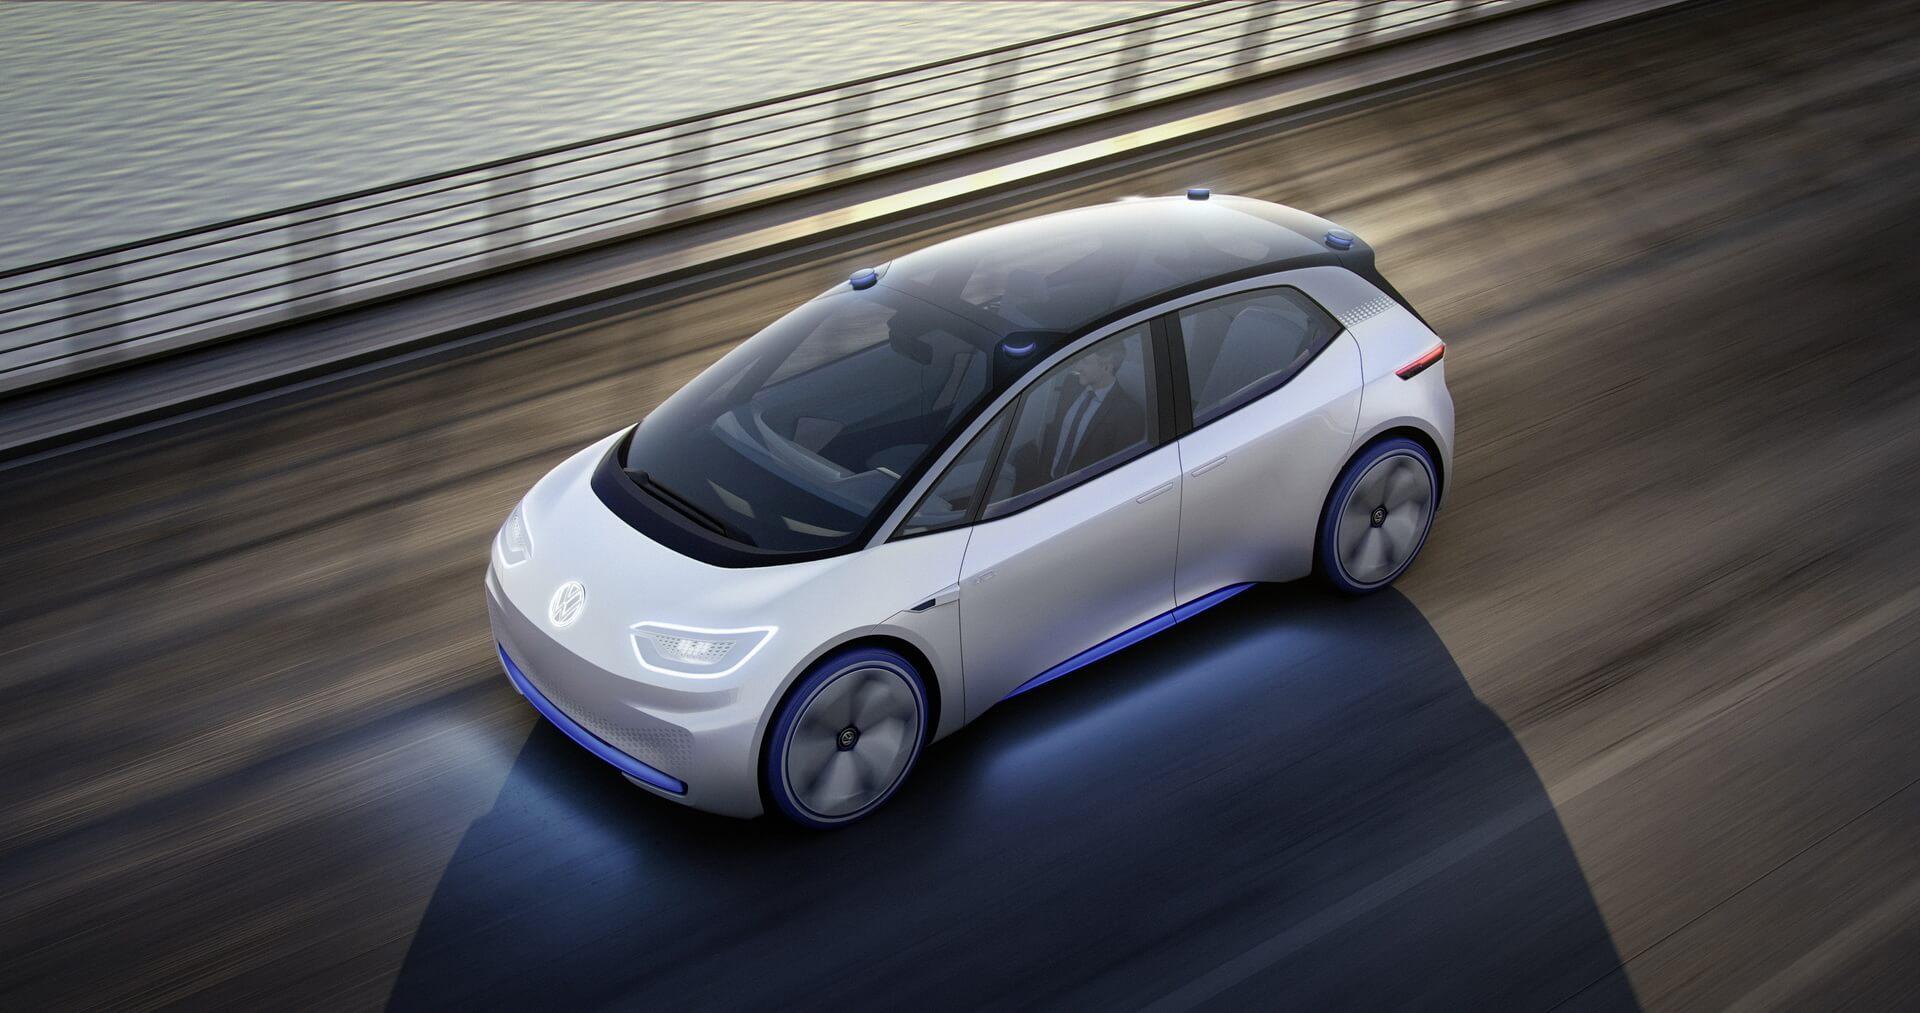 Volkswagen I.D. в движении